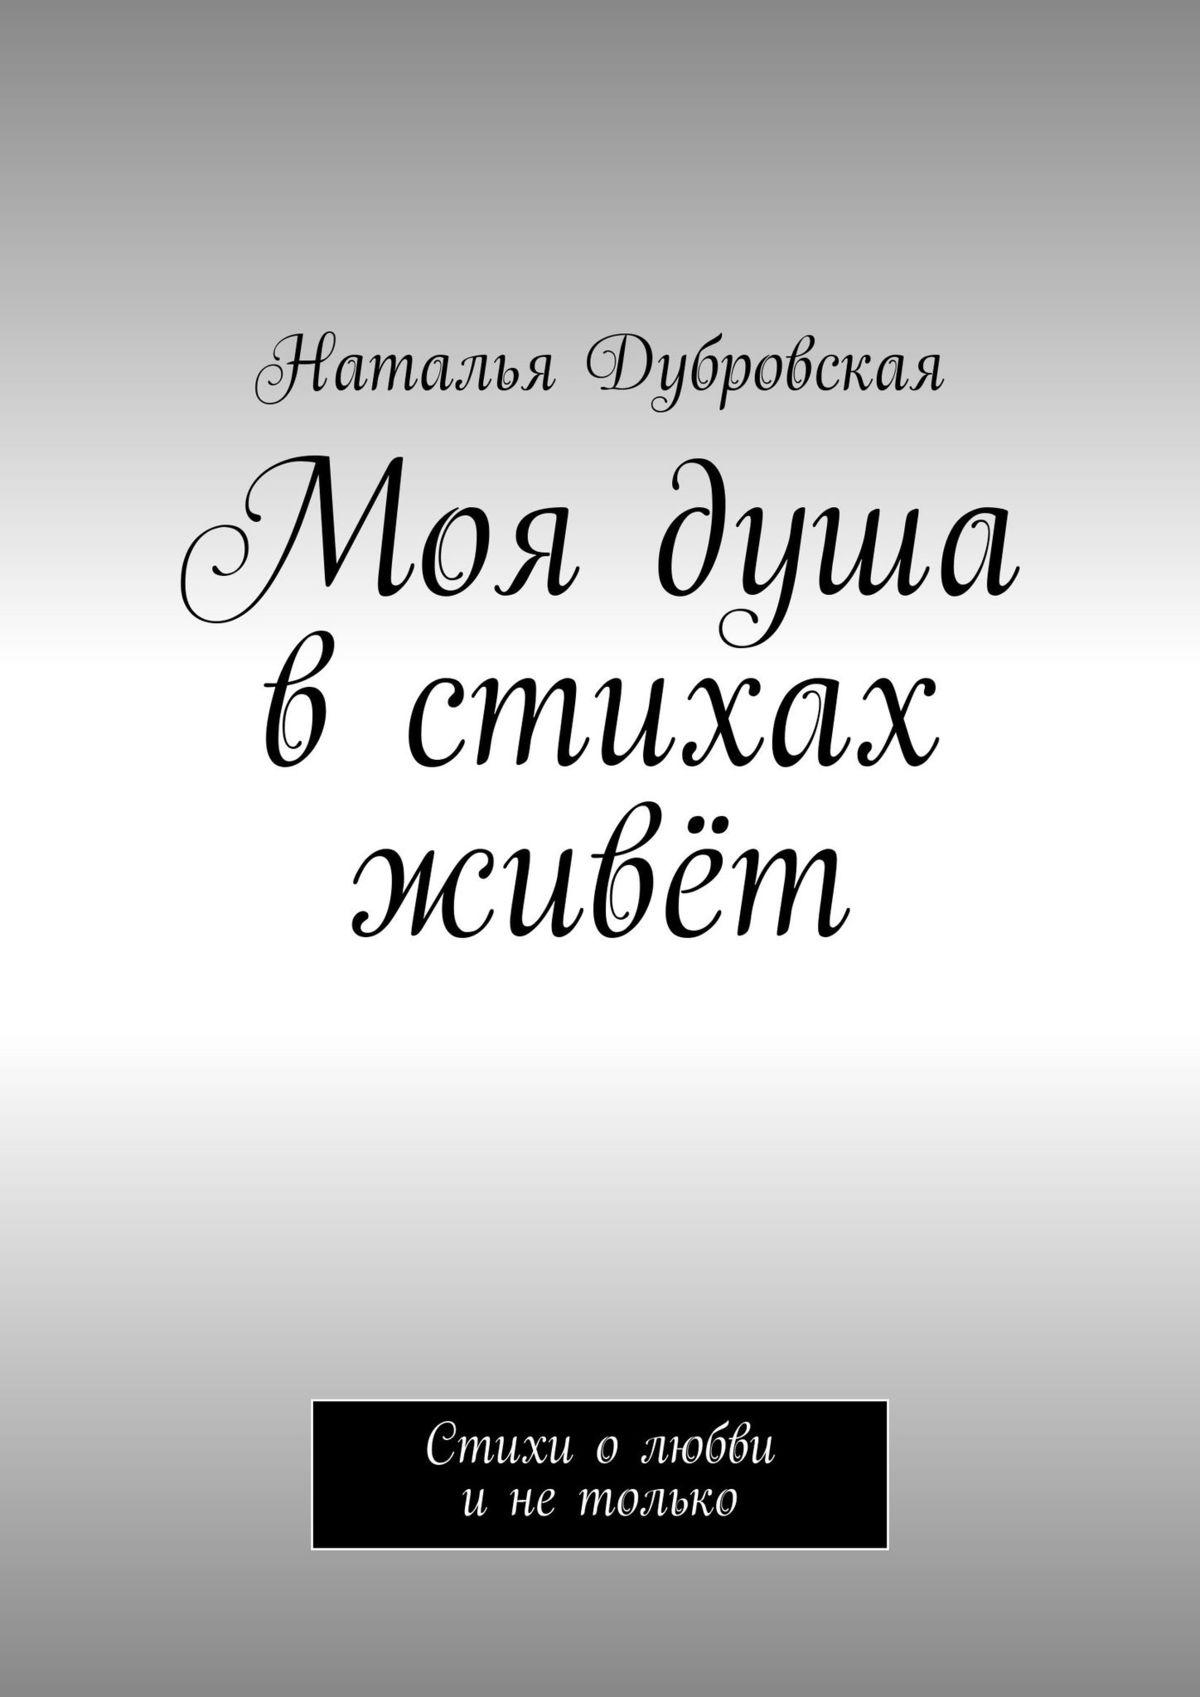 Наталья Дубровская Моя душа в стихах живёт. Стихи о любви и не только место средь павших